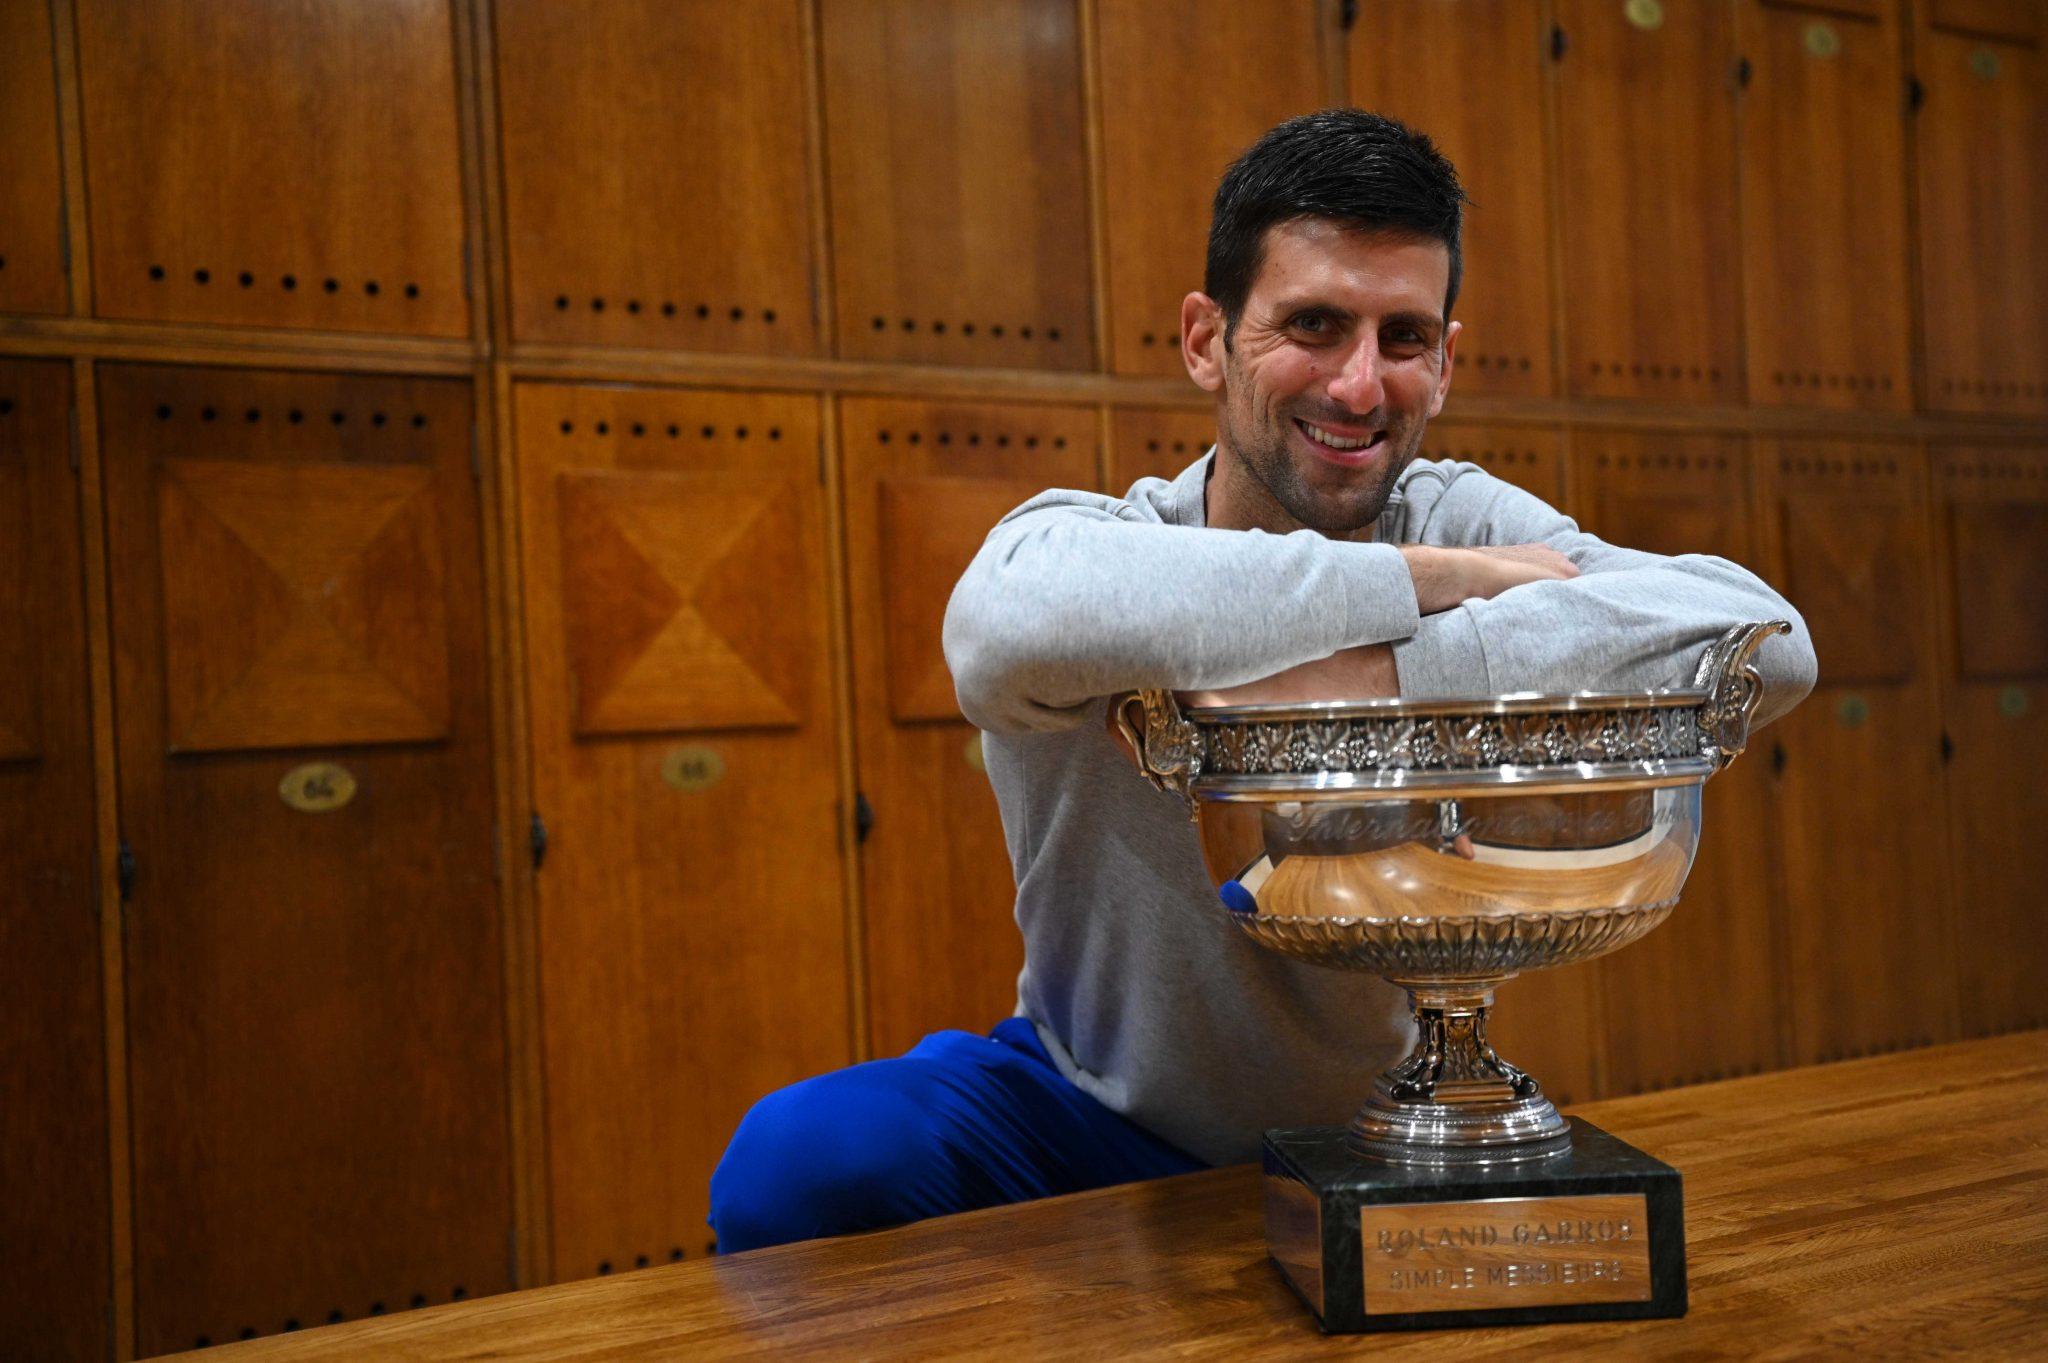 Novak Djokovic wins French Open Tennis Title 2021 | நோவக் ஜோகோவிச் பிரெஞ்சு ஓபன் 2021 டென்னிஸ் பட்டத்தை வென்றார் |_40.1